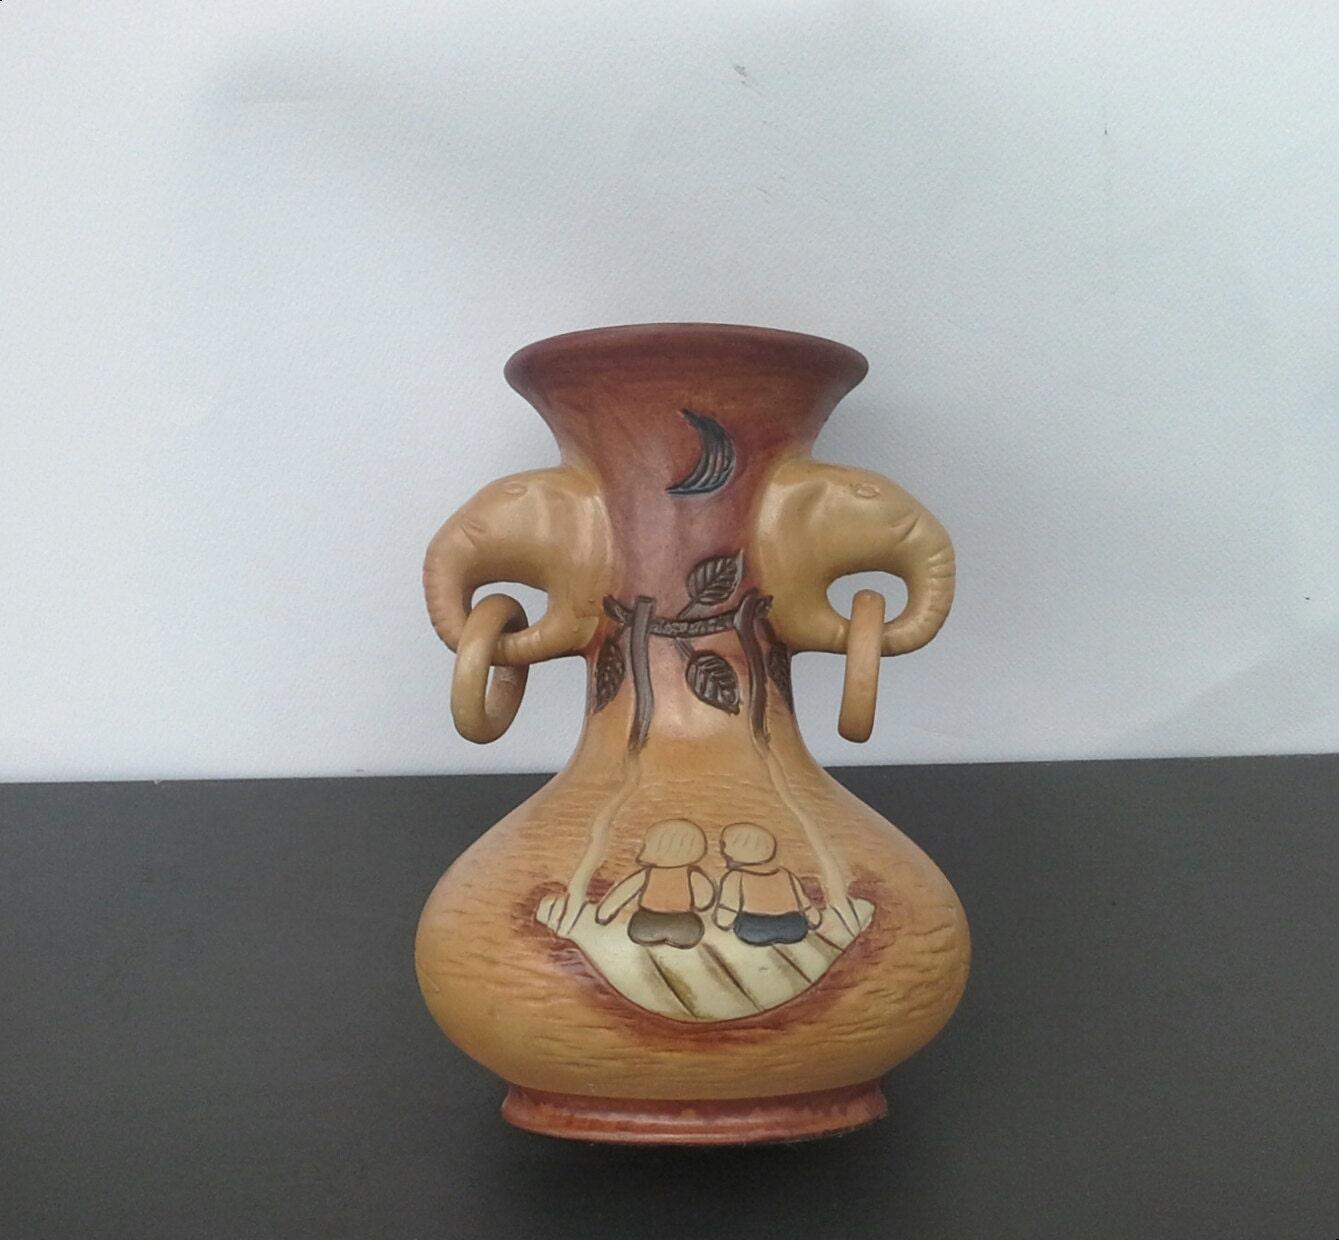 Modern Ceramic Vase Home Decor Ceramic Pottery Vase